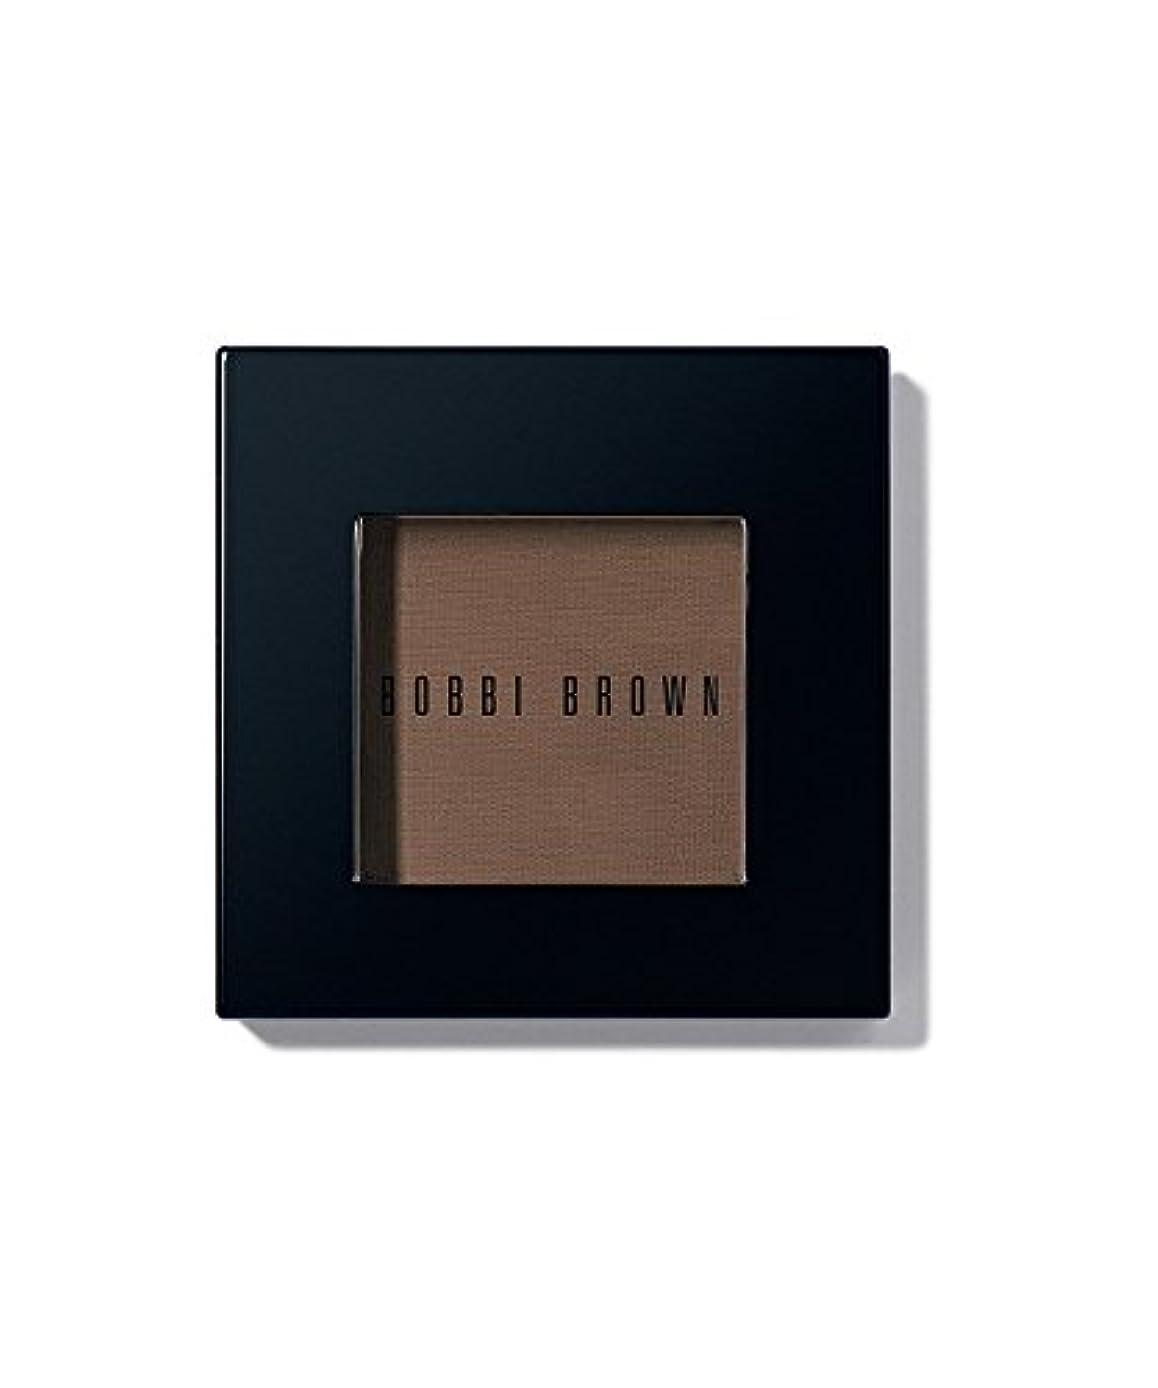 ボビィブラウン(ボビー ブラウン) アイシャドウ (新パッケージ) 2.5g/0.08oz #11 Rich Brown